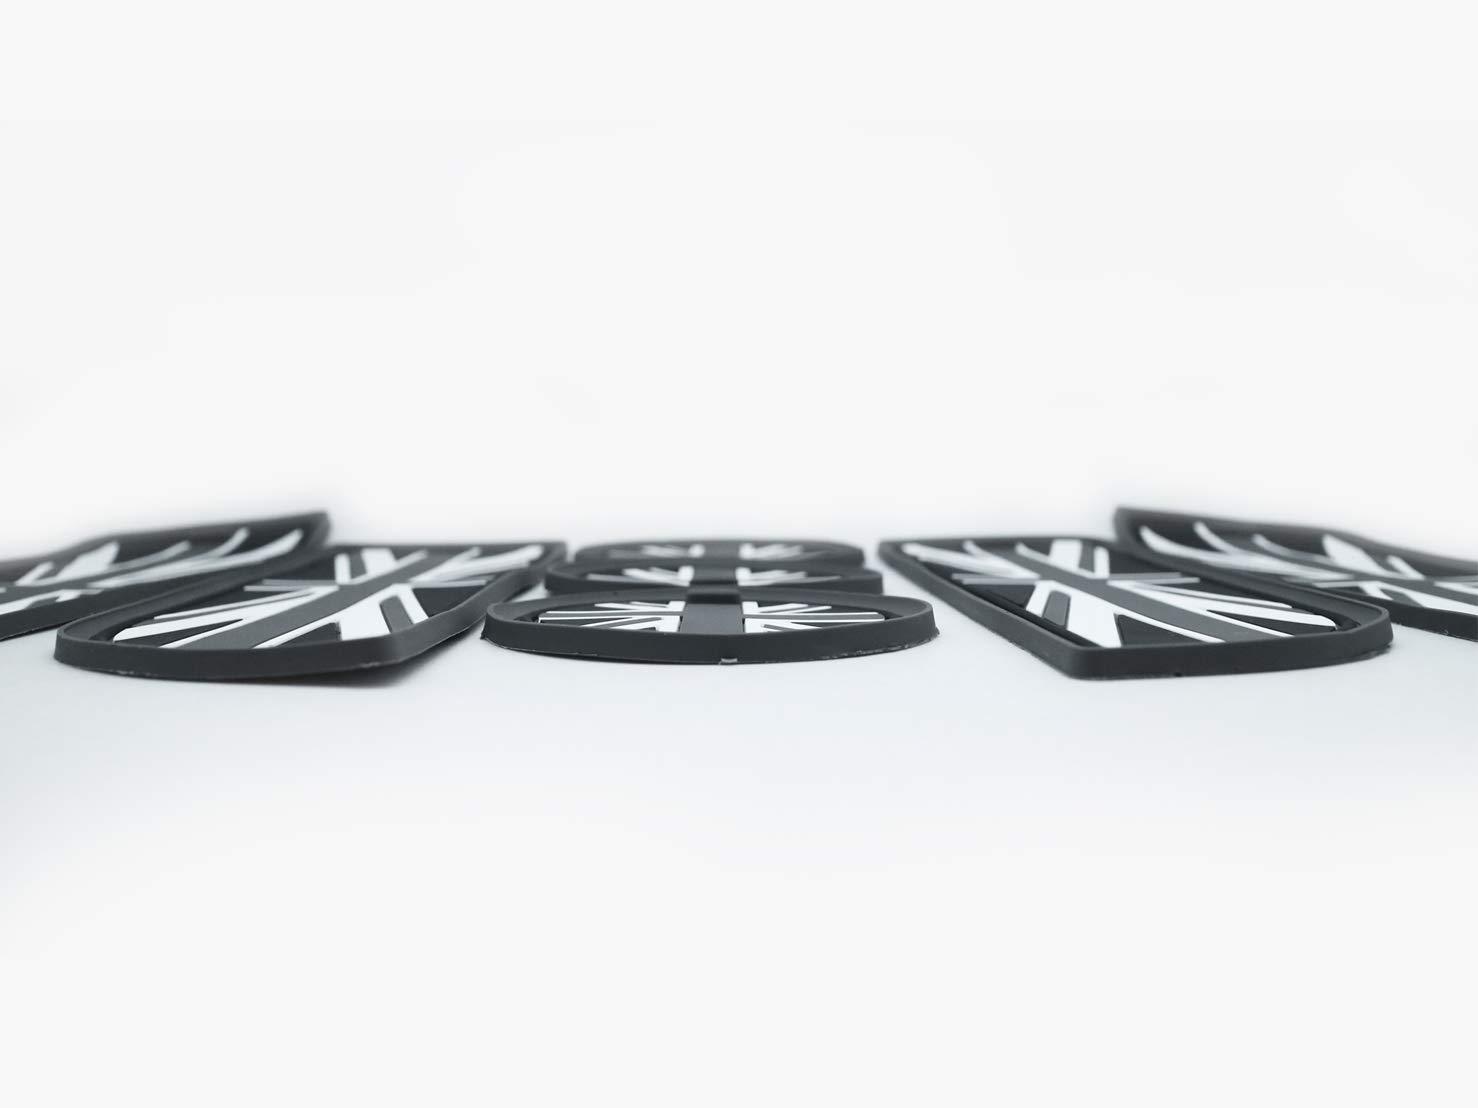 porte-gobelets pour voiture Accessoires de voiture pour le drapeau britannique Ensemble de 7 pi/èces Accessoires Mini Cooper: Tapis de voiture Tapis de porte lat/éral compatible avec 2007-2013